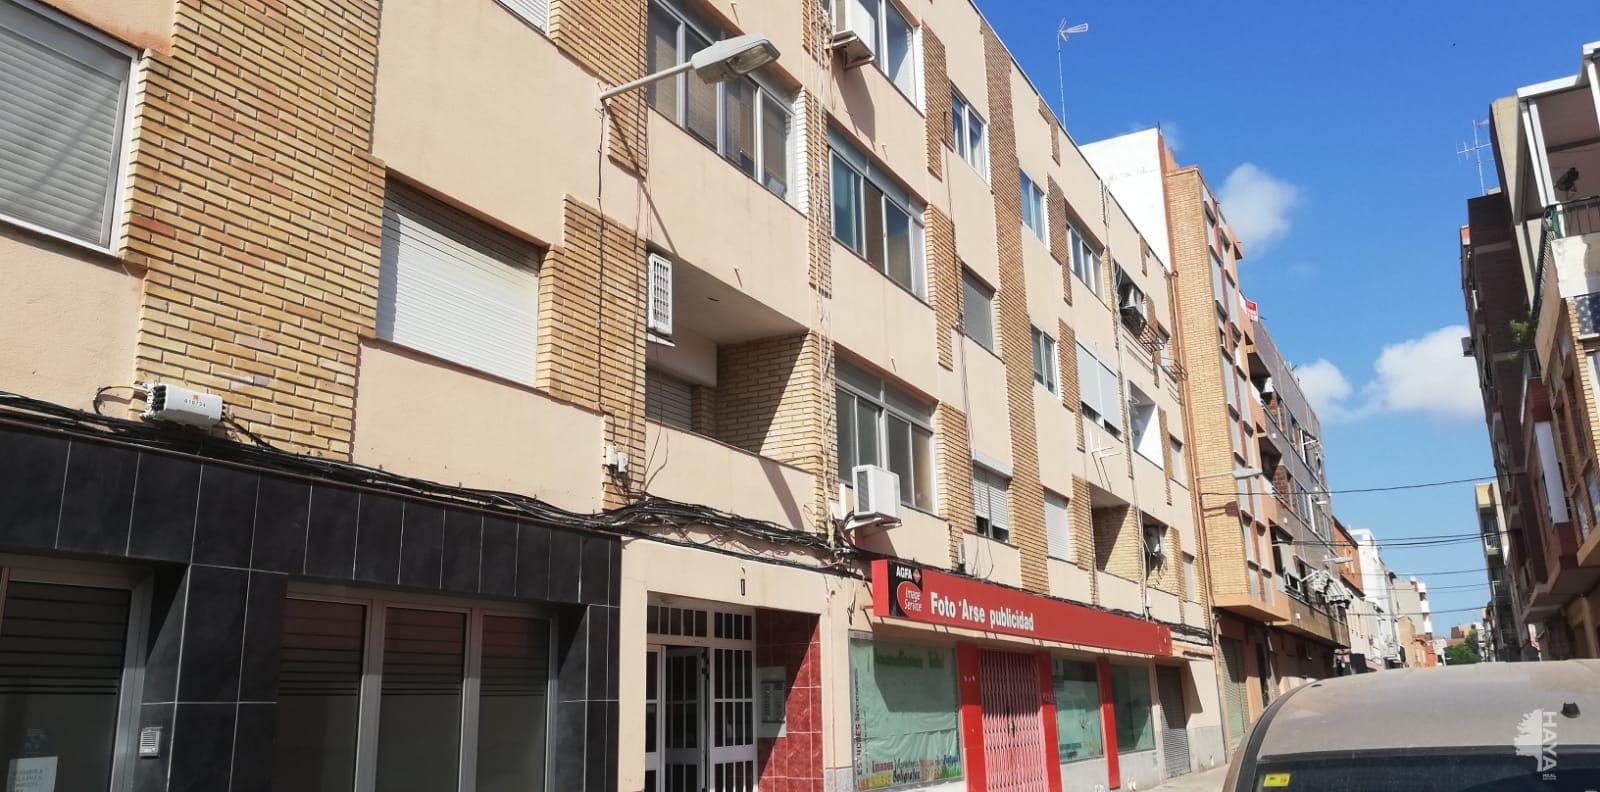 Piso en venta en El Port de Sagunt, Sagunto/sagunt, Valencia, Calle Luis Vives, 53.865 €, 3 habitaciones, 1 baño, 75 m2